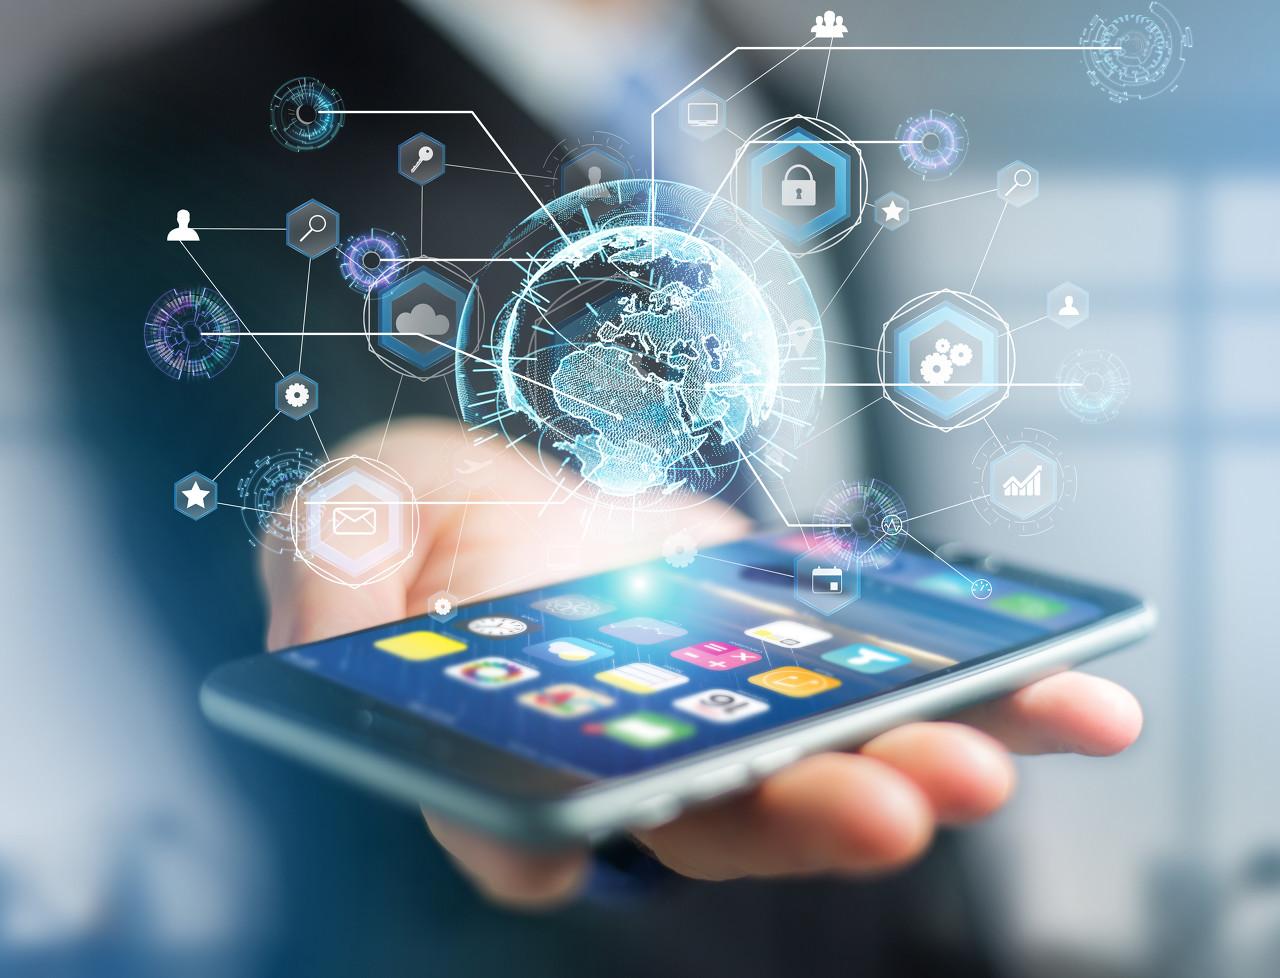 中行手机银行新增多项移动金融服务